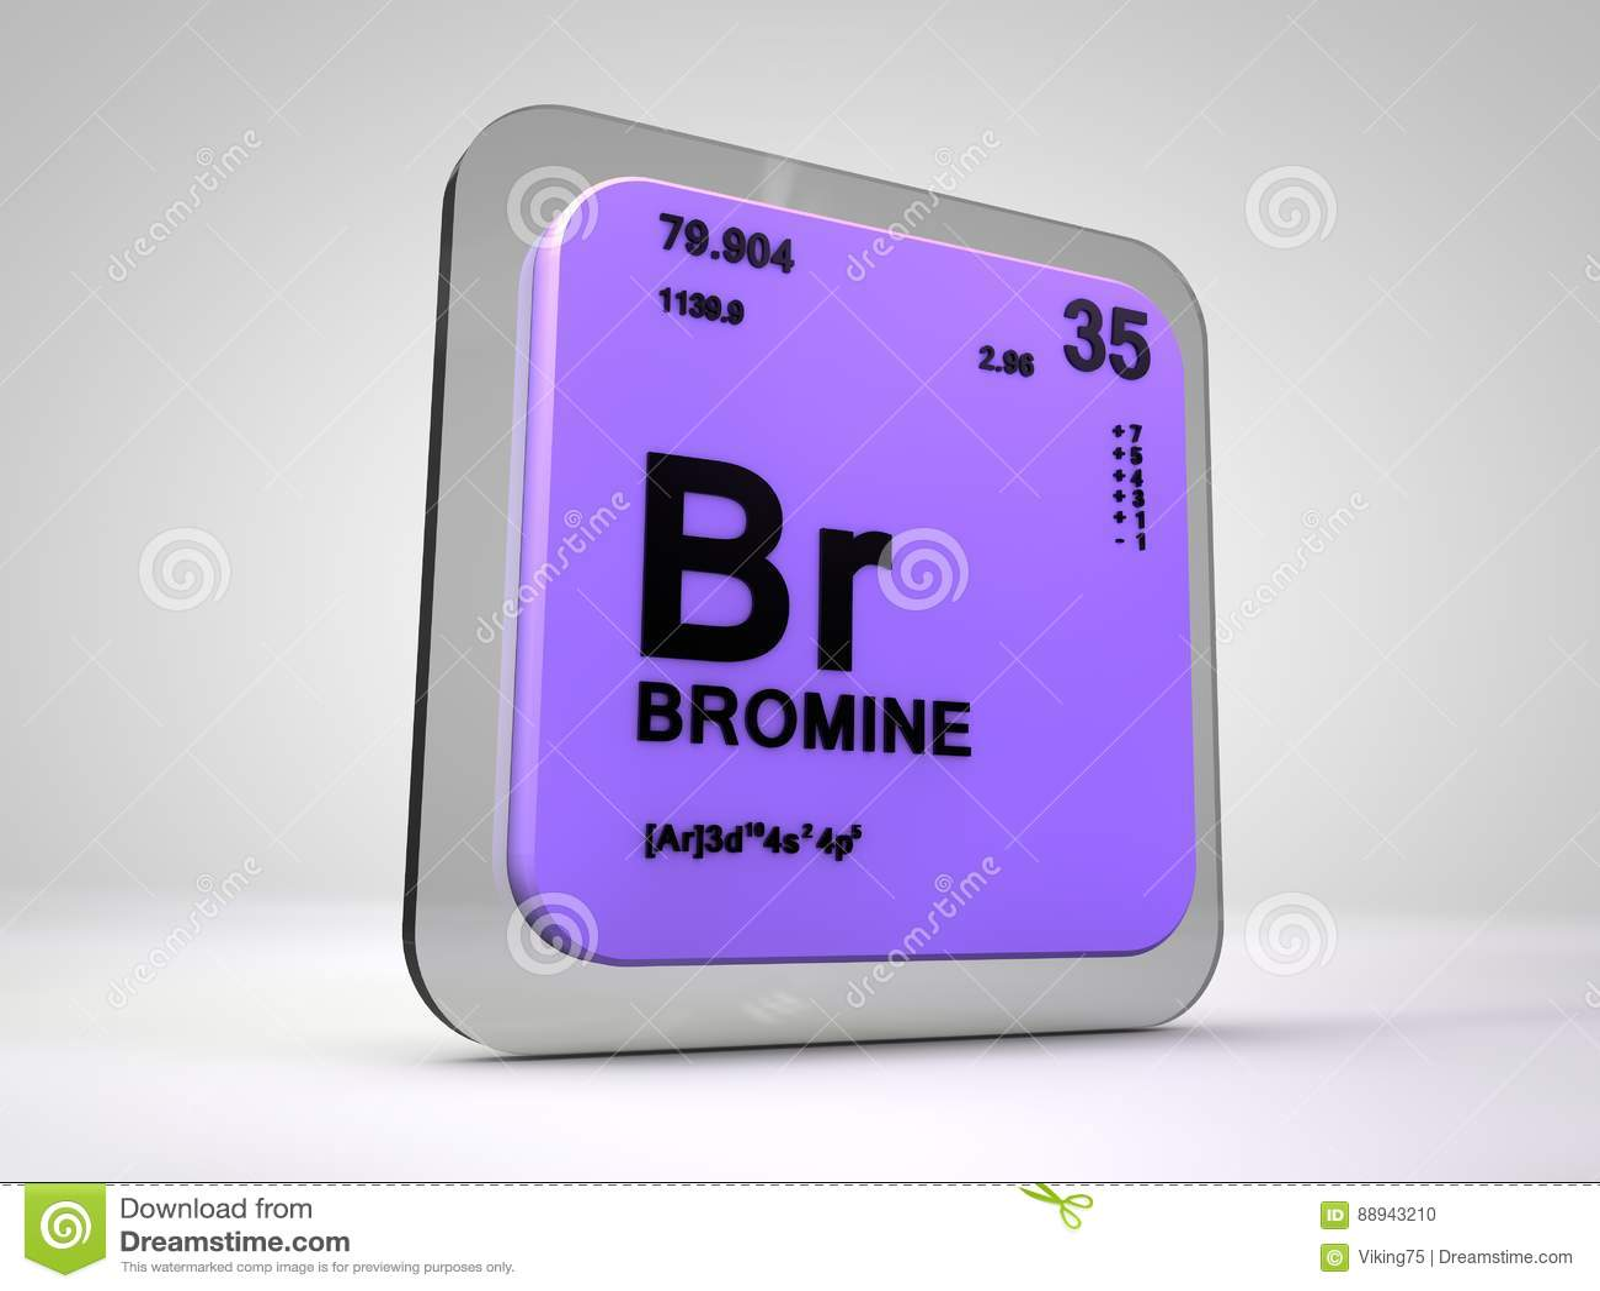 Br del bromo tabla peridica del elemento qumico stock de download br del bromo tabla peridica del elemento qumico stock de ilustracin ilustracin de urtaz Image collections